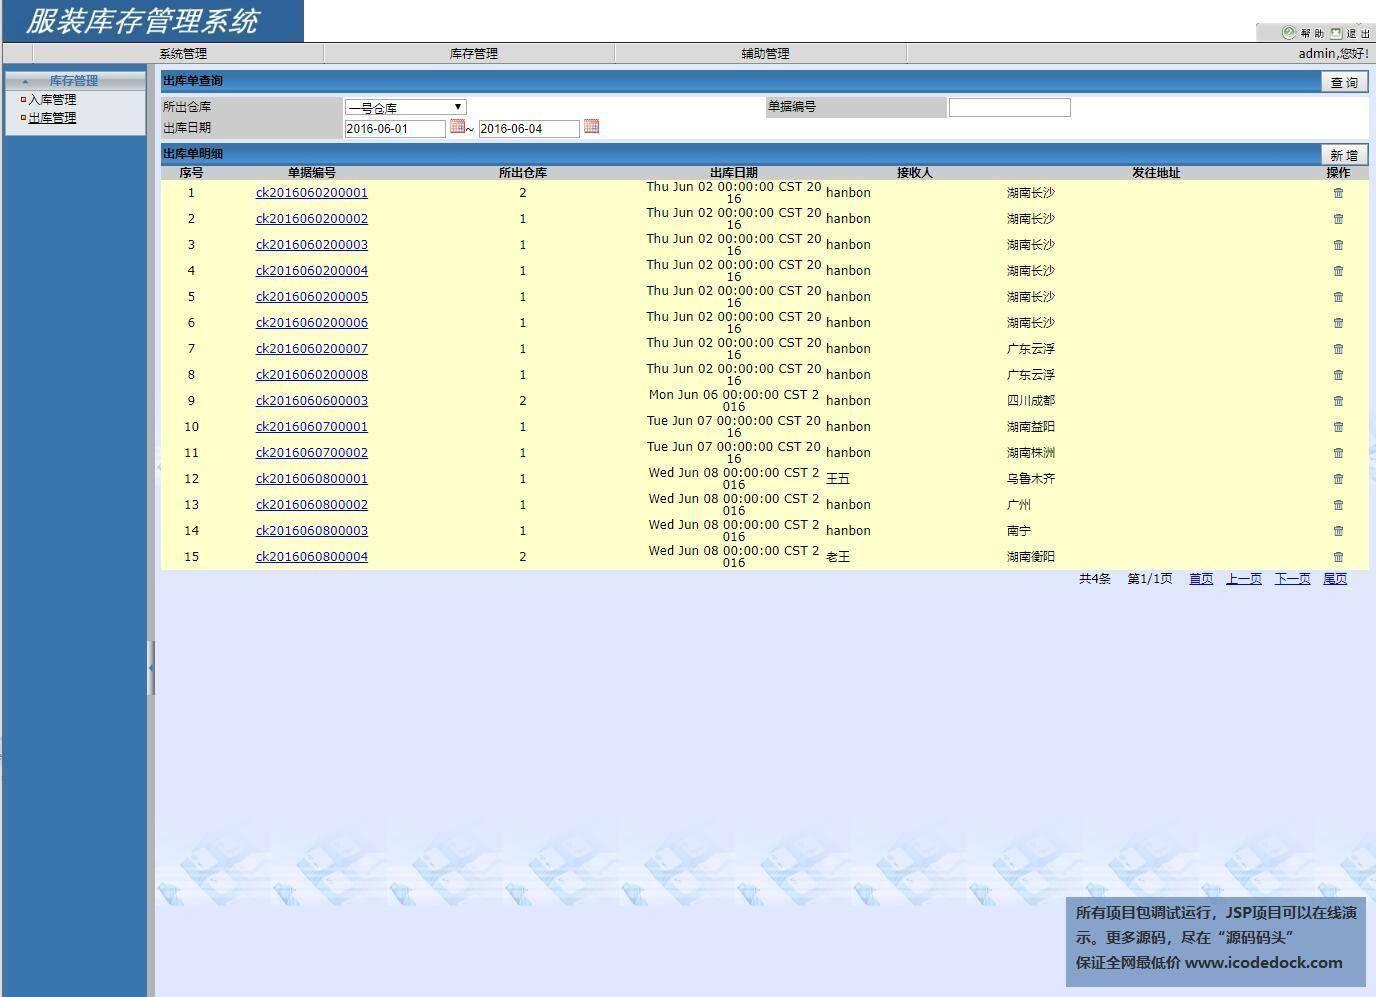 源码码头-SSM服装进销存管理系统-管理员角色-出库管理